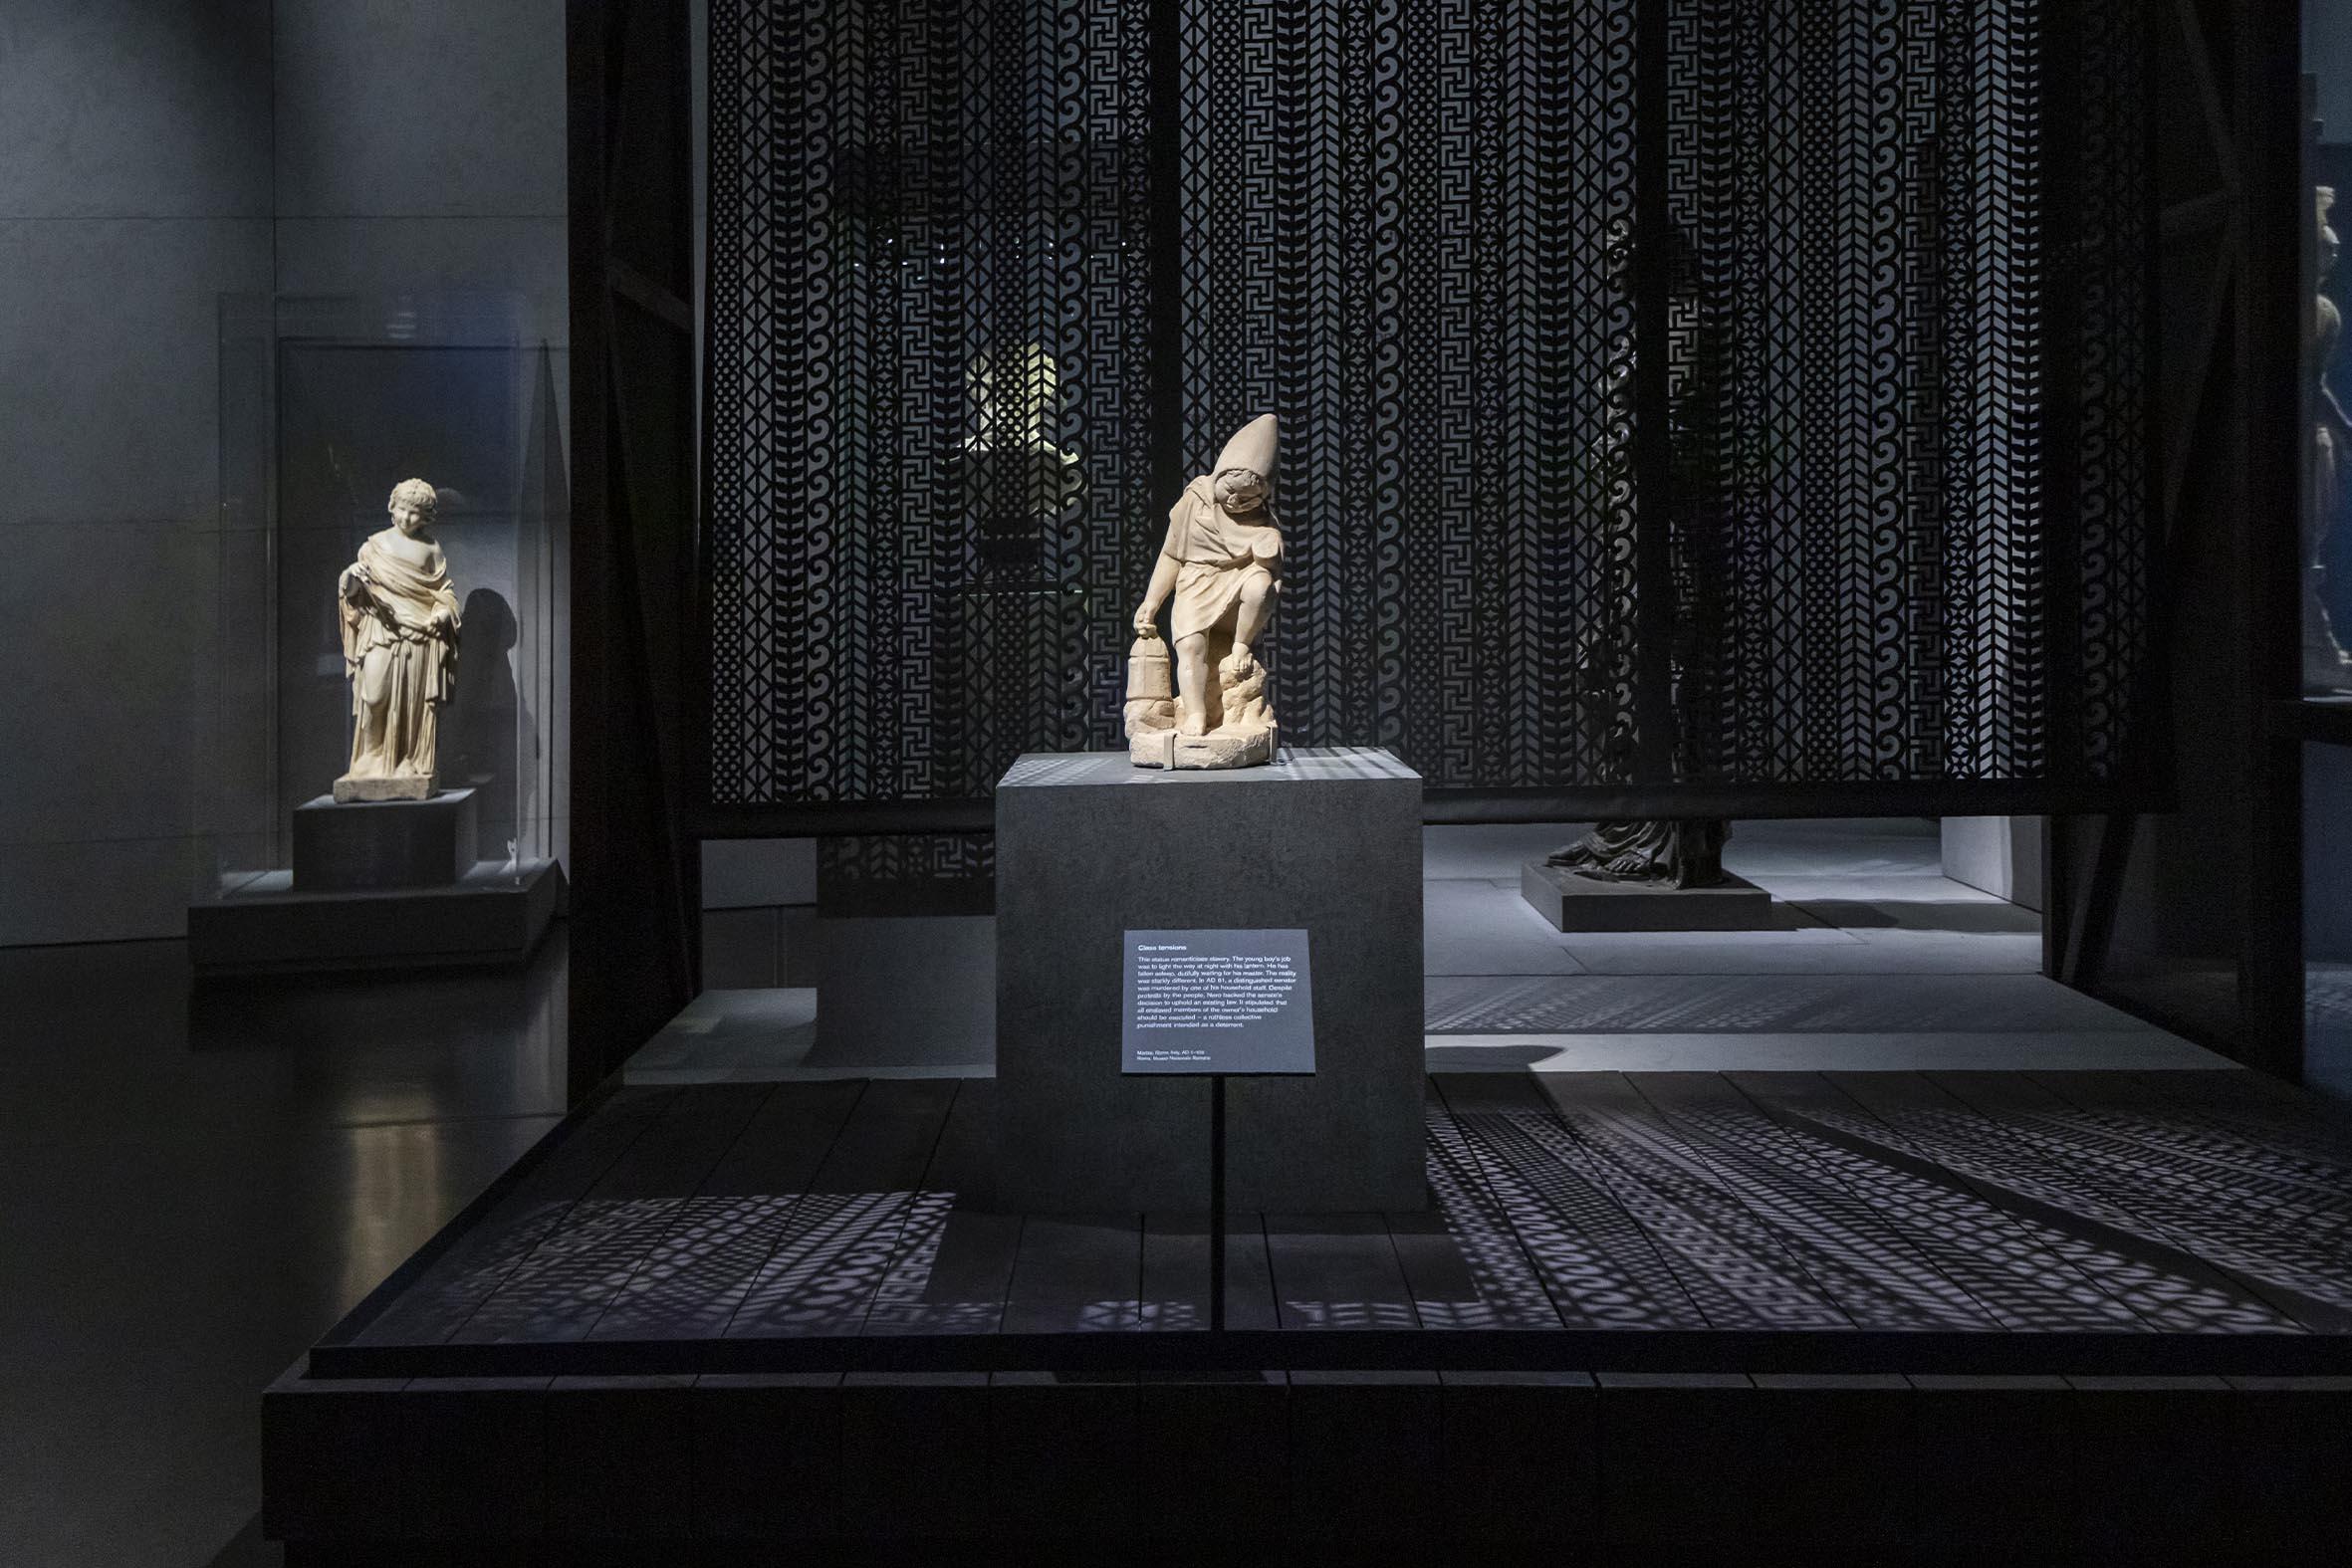 lombaertstudio_british_museum_neroexhibition_13